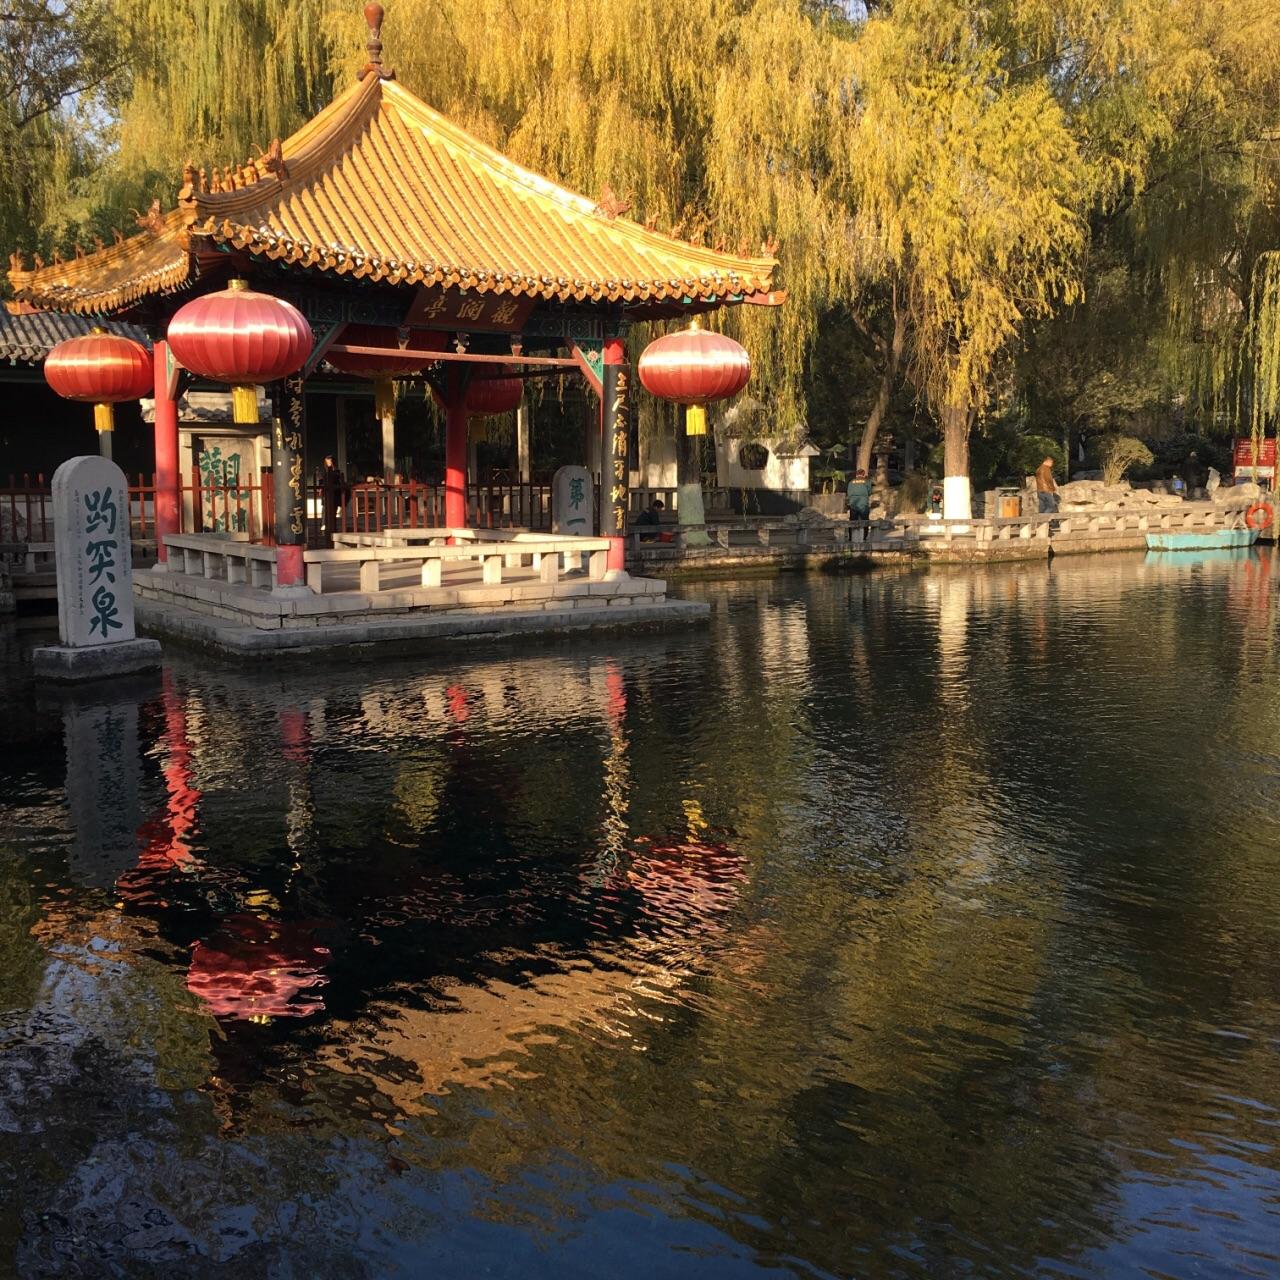 清明假期选择来到这里,人很多。这个季节来趵突泉,景色很美。趵突泉果然名不虚传,水很清澈。泉水碧蓝,泉眼不大,小小水珠汩汩流出,远处有石碑刻趵突泉三字,鲤鱼结对嬉戏。池边是凉亭和杨柳,不远处就有个大戏台,戏子台上绘声绘色演出,老人旅客台下驻足观赏。一个池子里养着海豹,小家伙很会和游客互动;李清照纪念堂也富有人文趣味。总的来说,与大明湖的辽阔相比,趵突泉以秀美为长